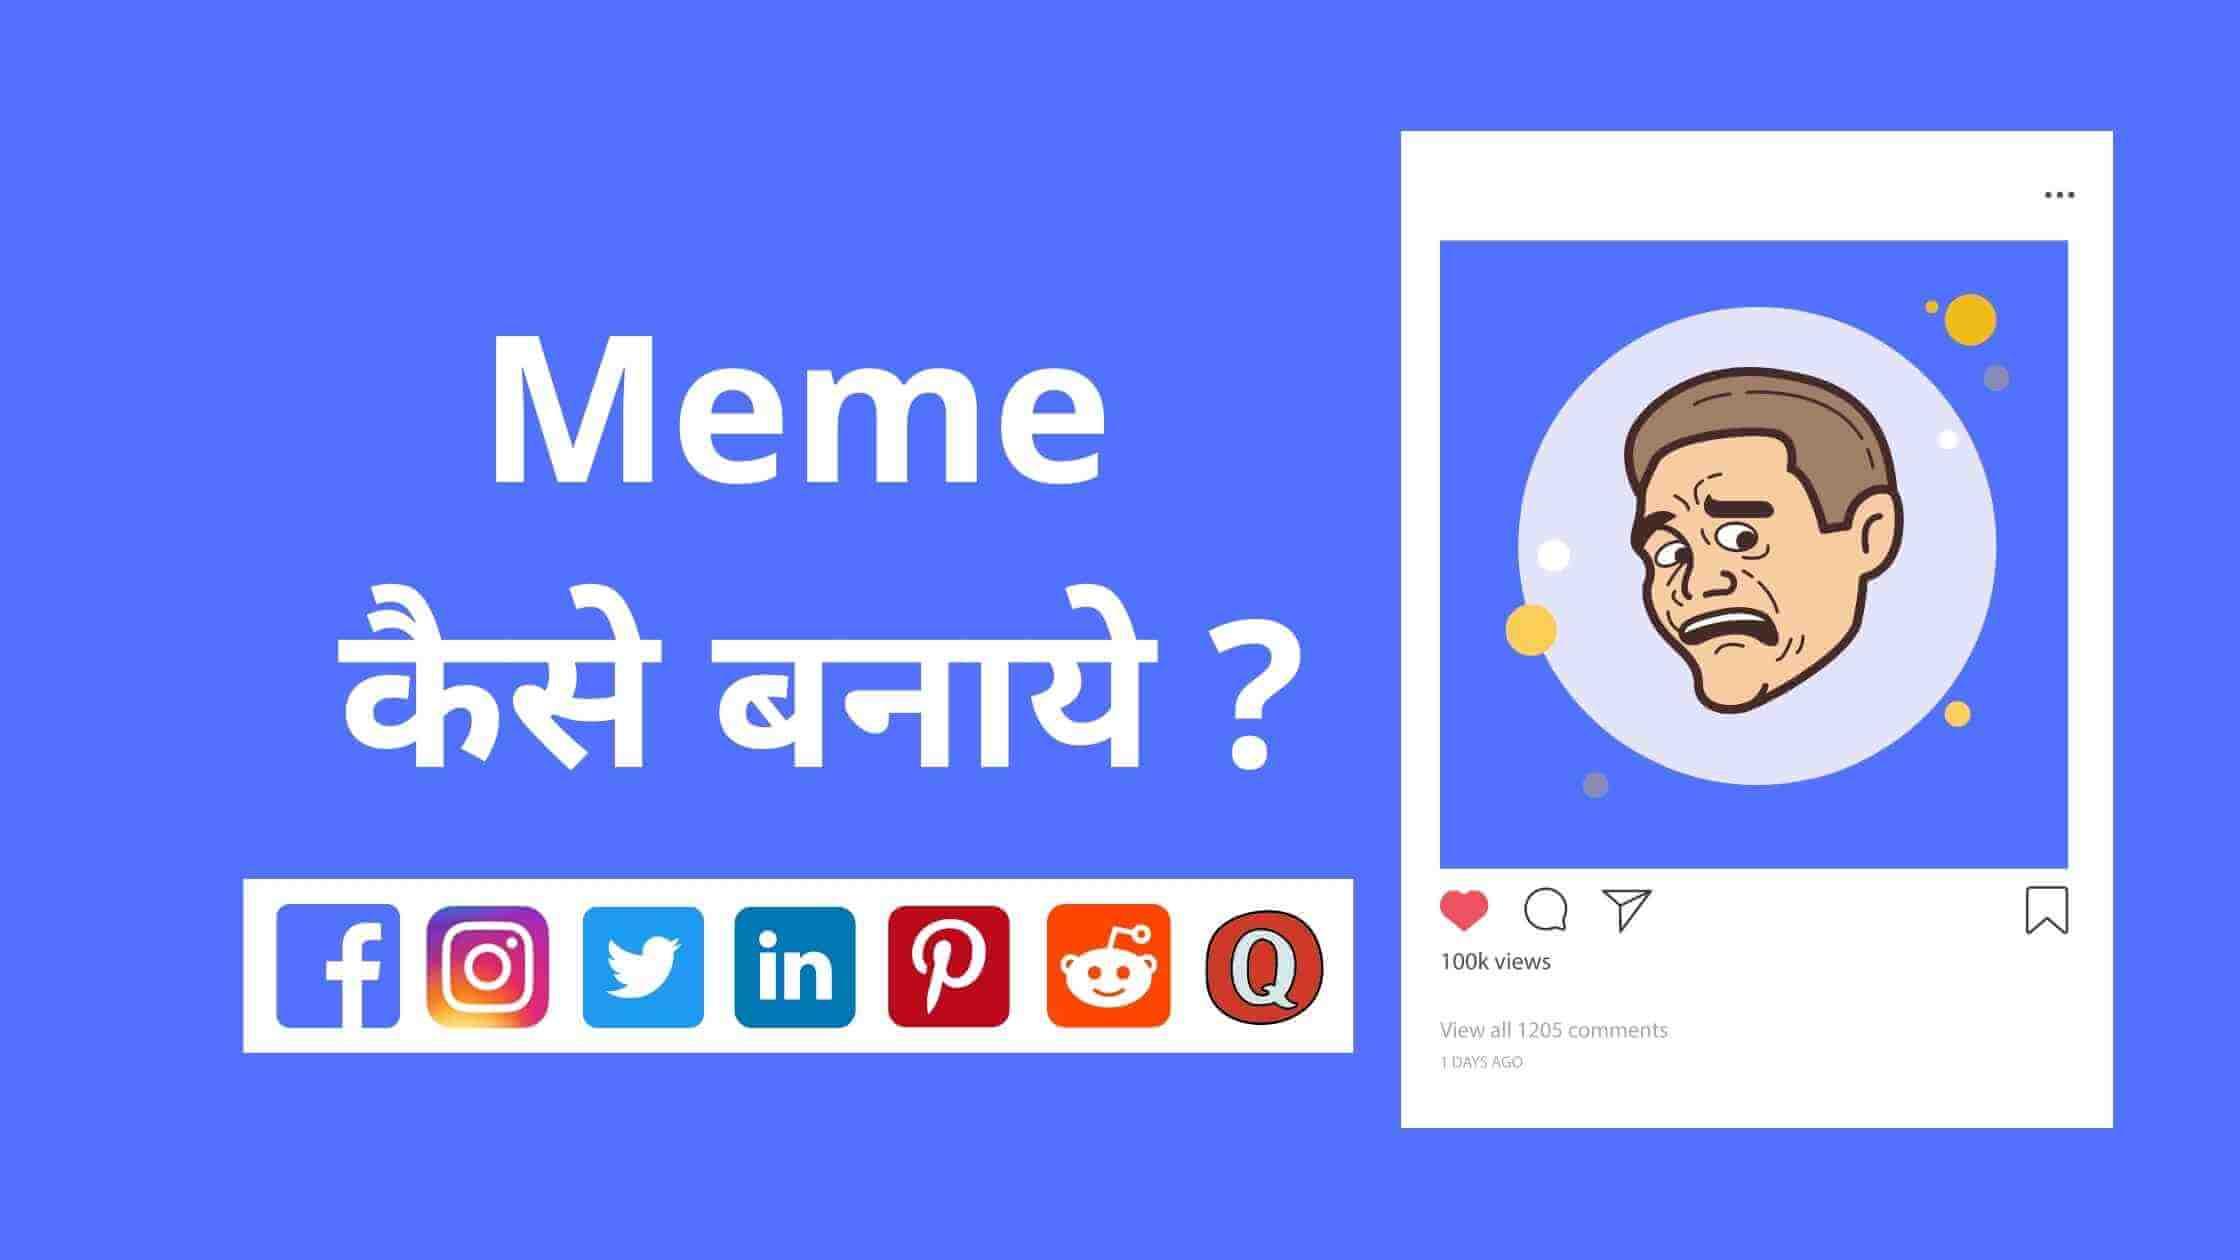 Meme क्या है ? Meme कैसे बनाये ?